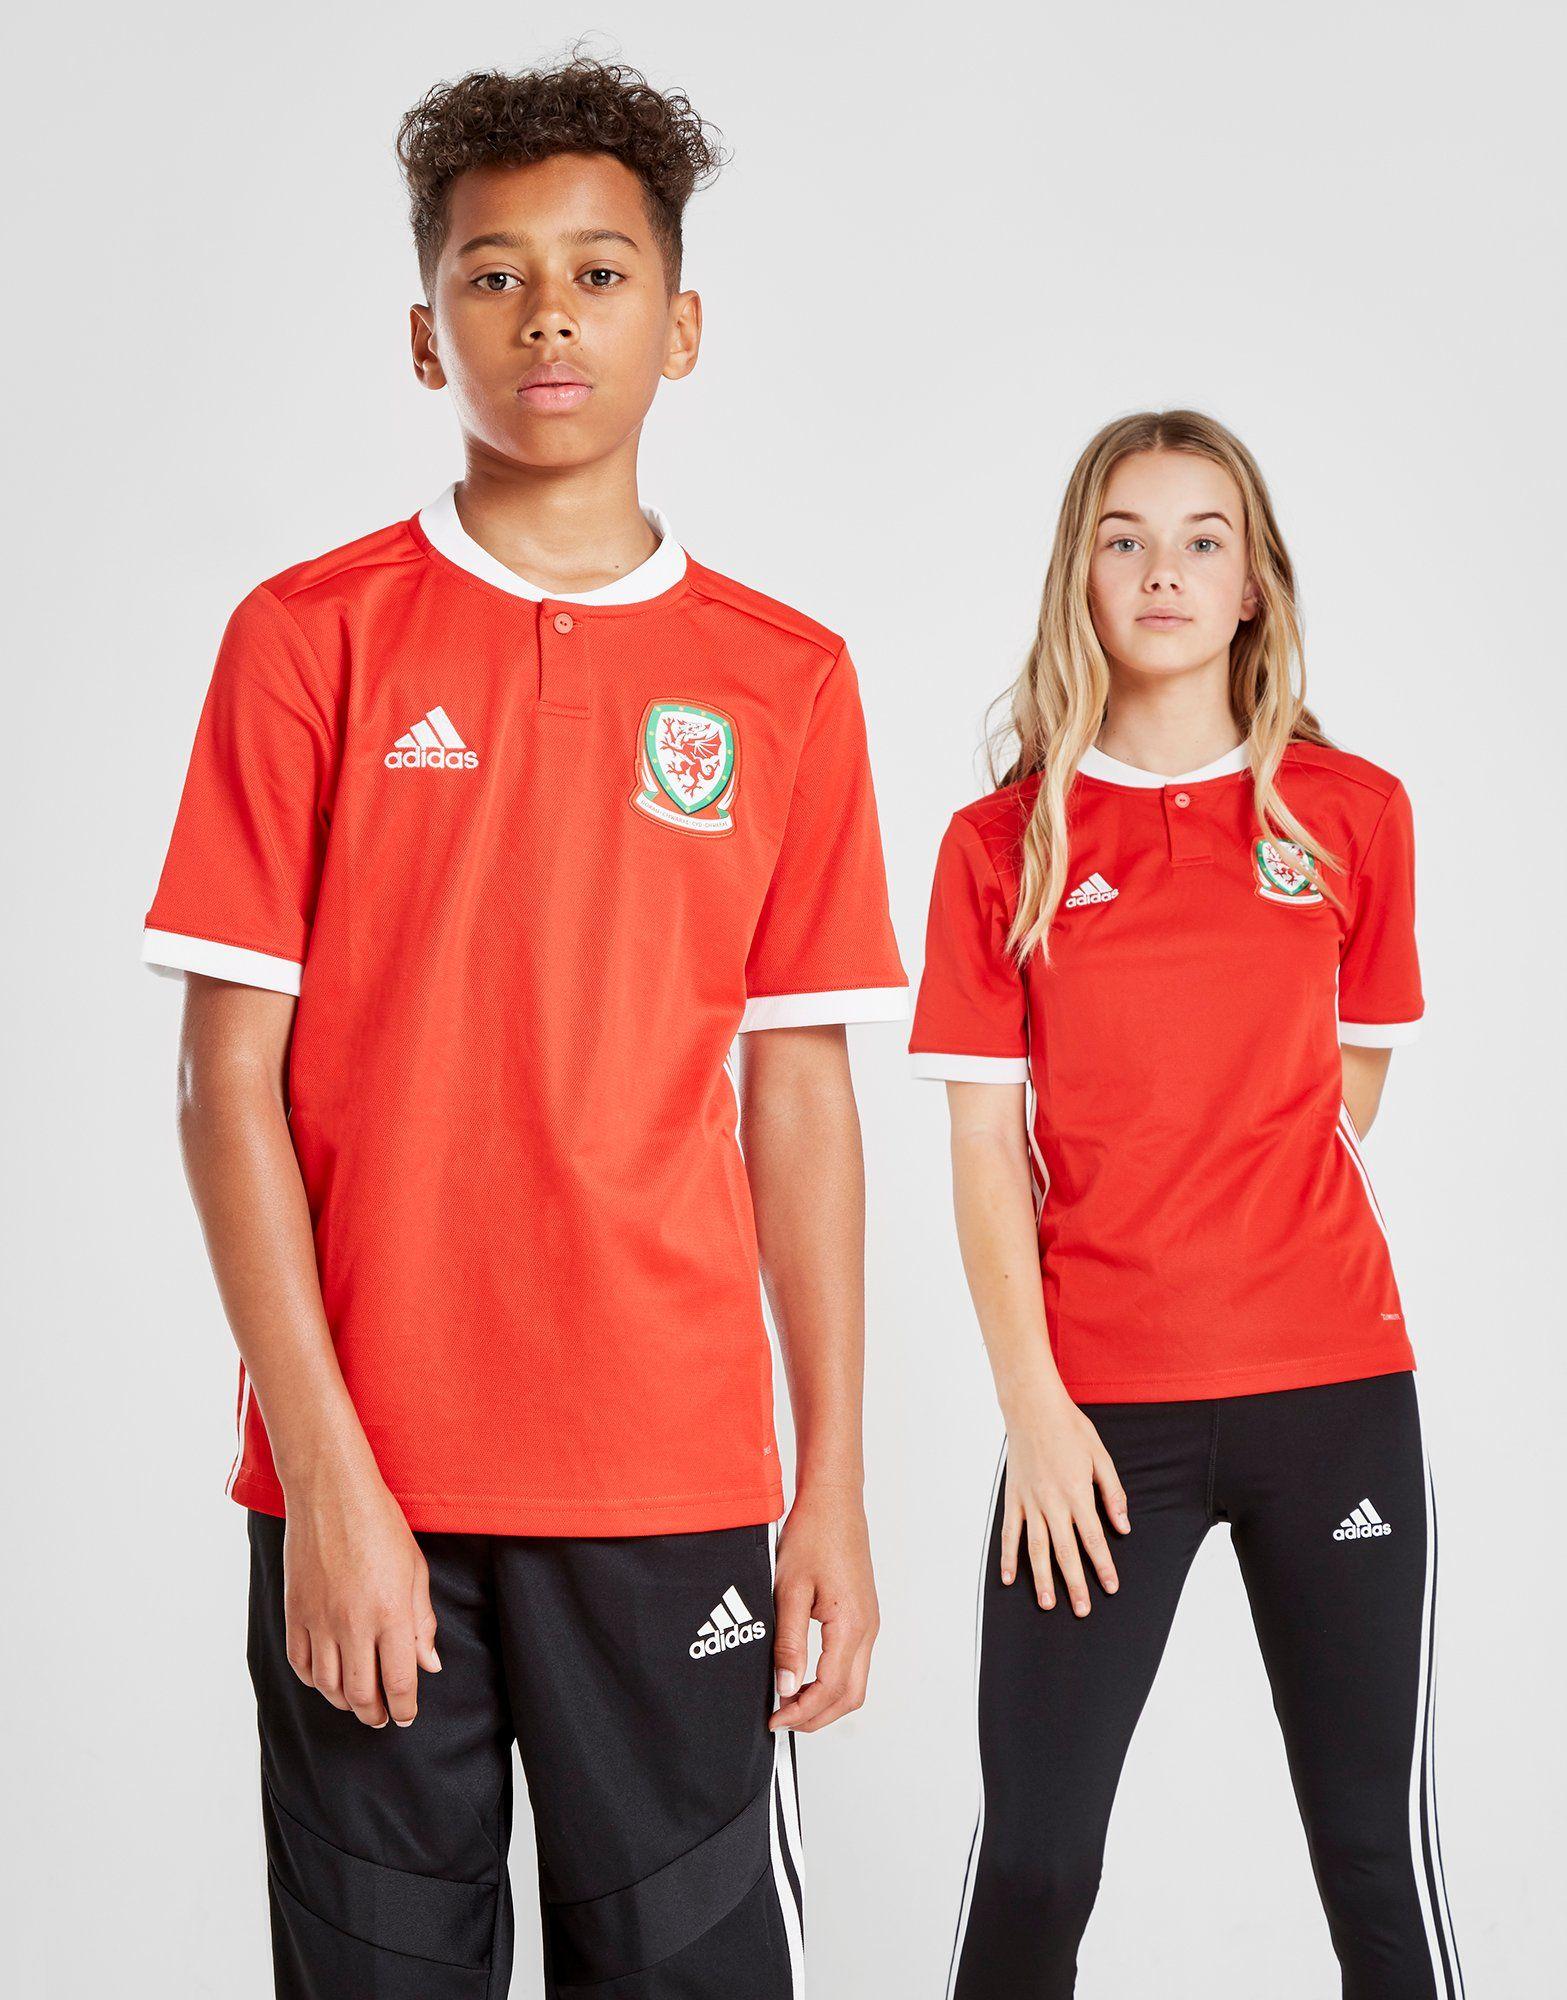 adidas Galles 2017/18 Home Shirt Junior